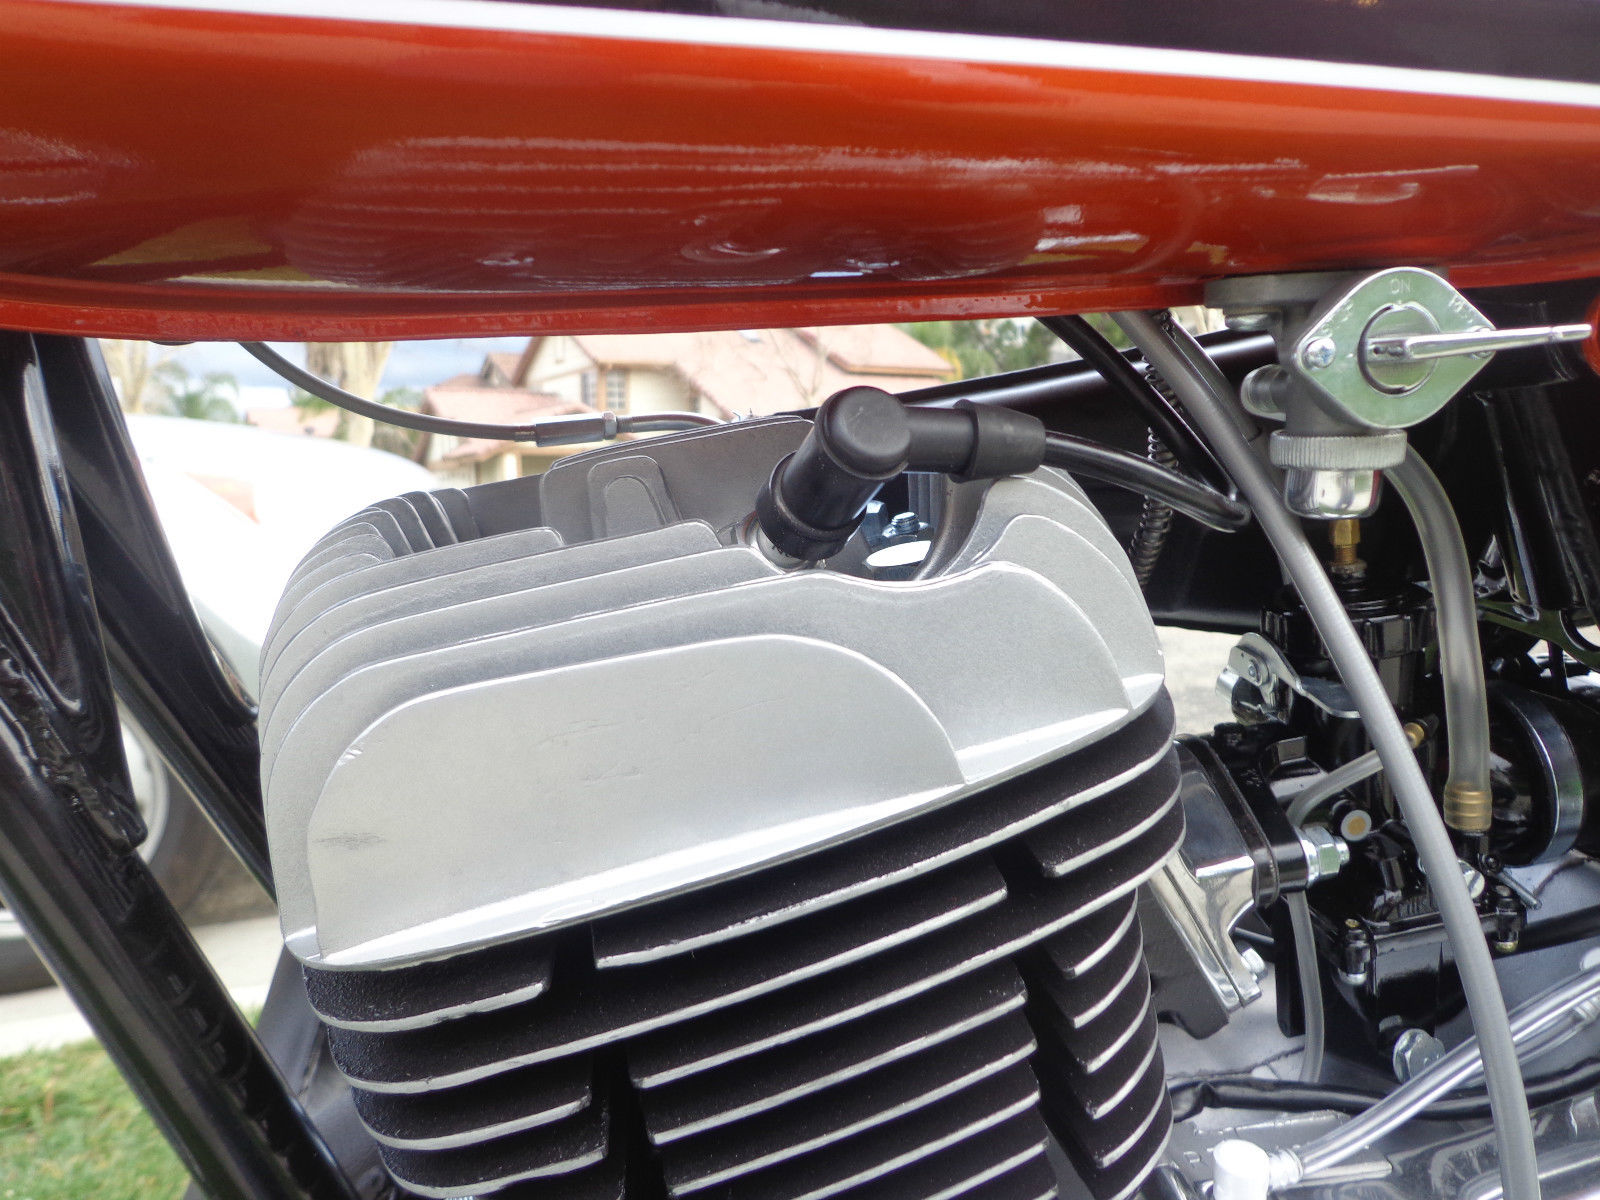 Yamaha RT3 360 Enduro - 1973